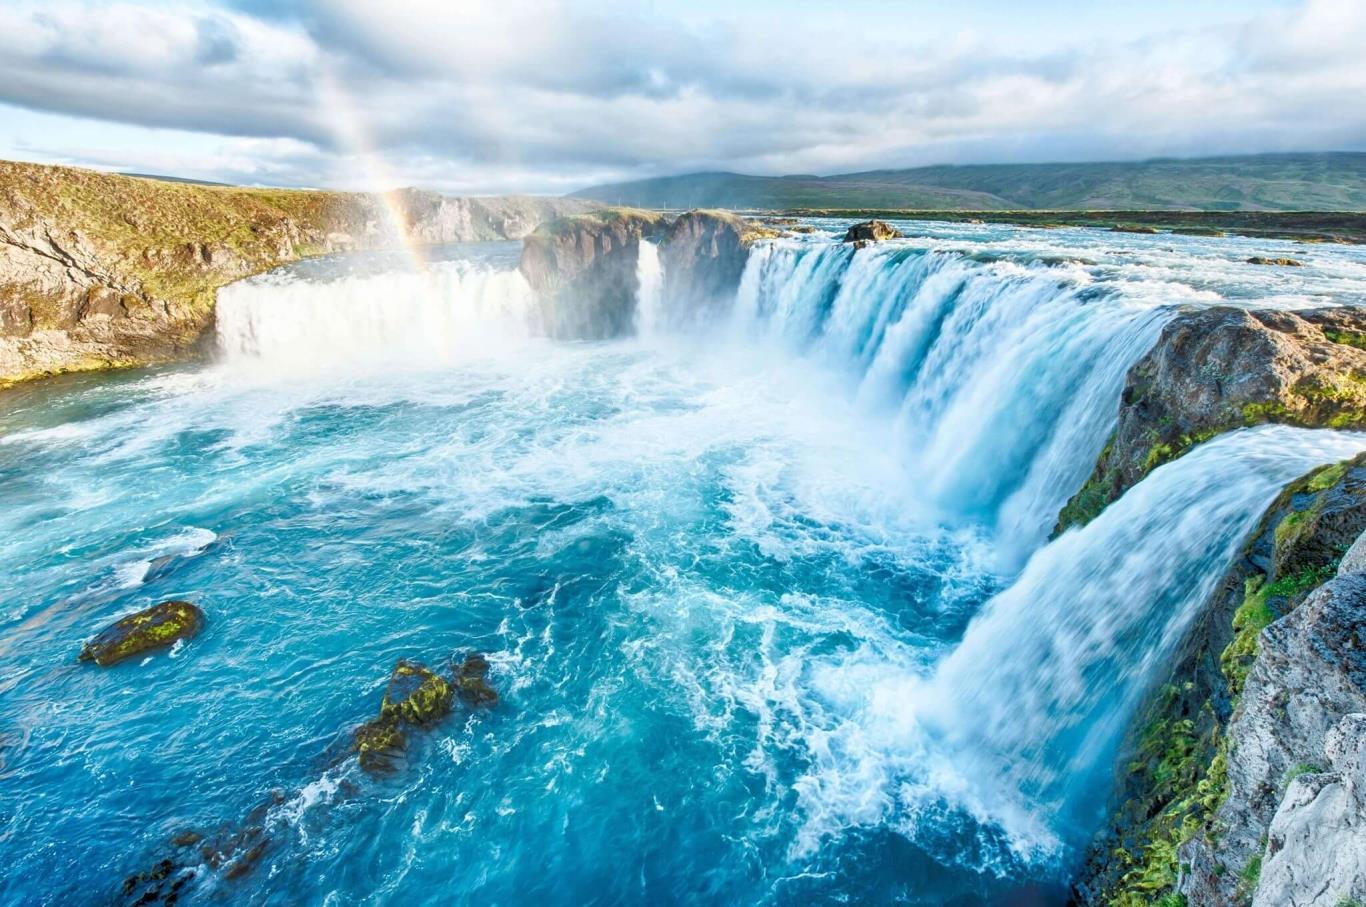 Ý nghĩa về giấc mơ thấy thác nước đẹp – Mơ thấy thác nước